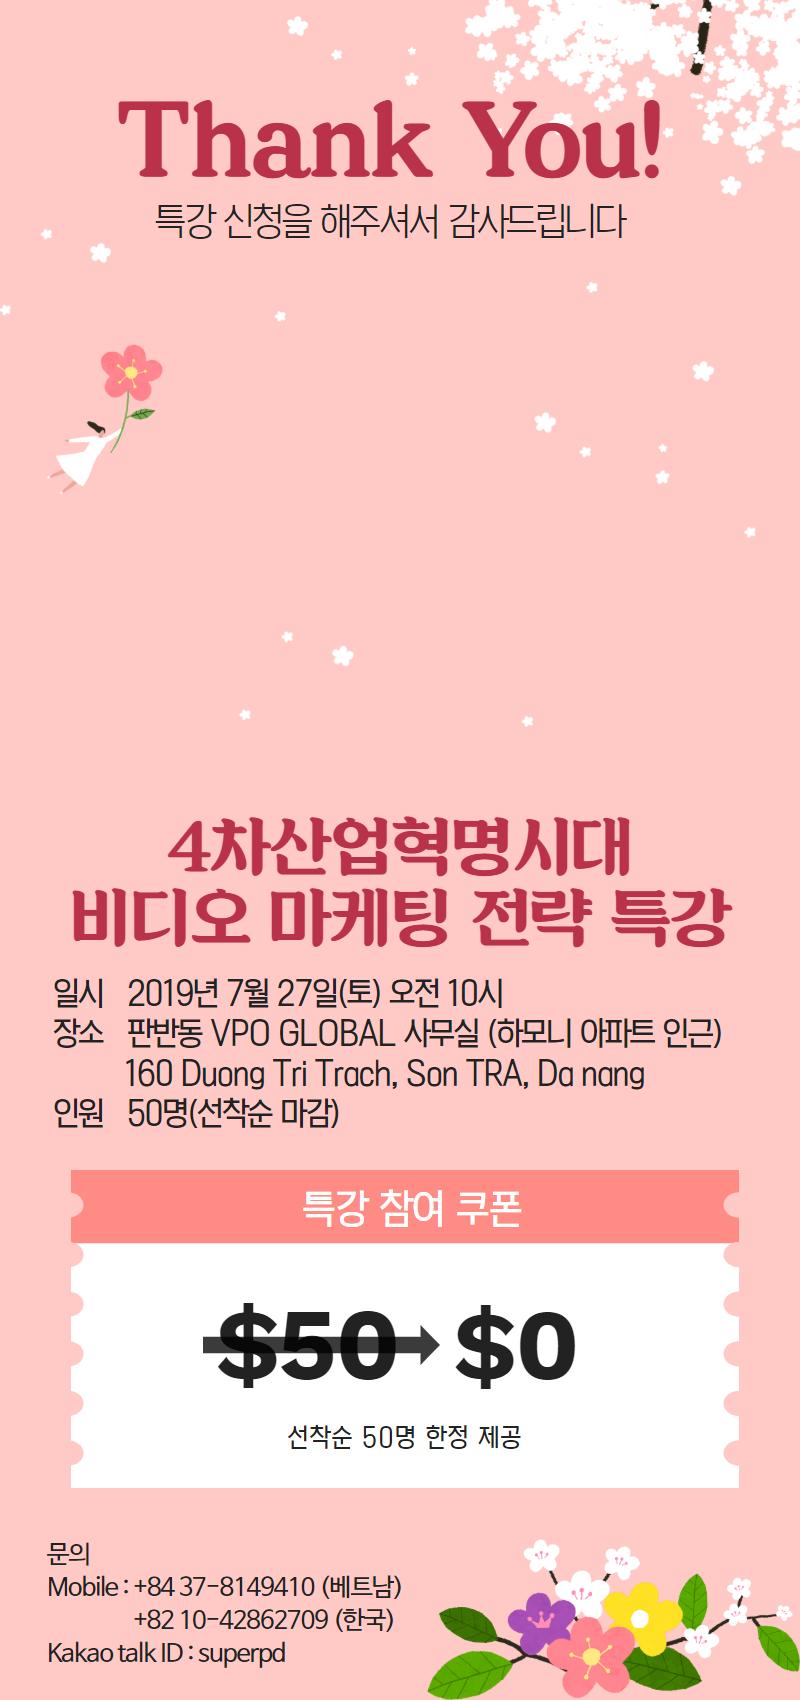 땡큐페이지 최종_edited.png